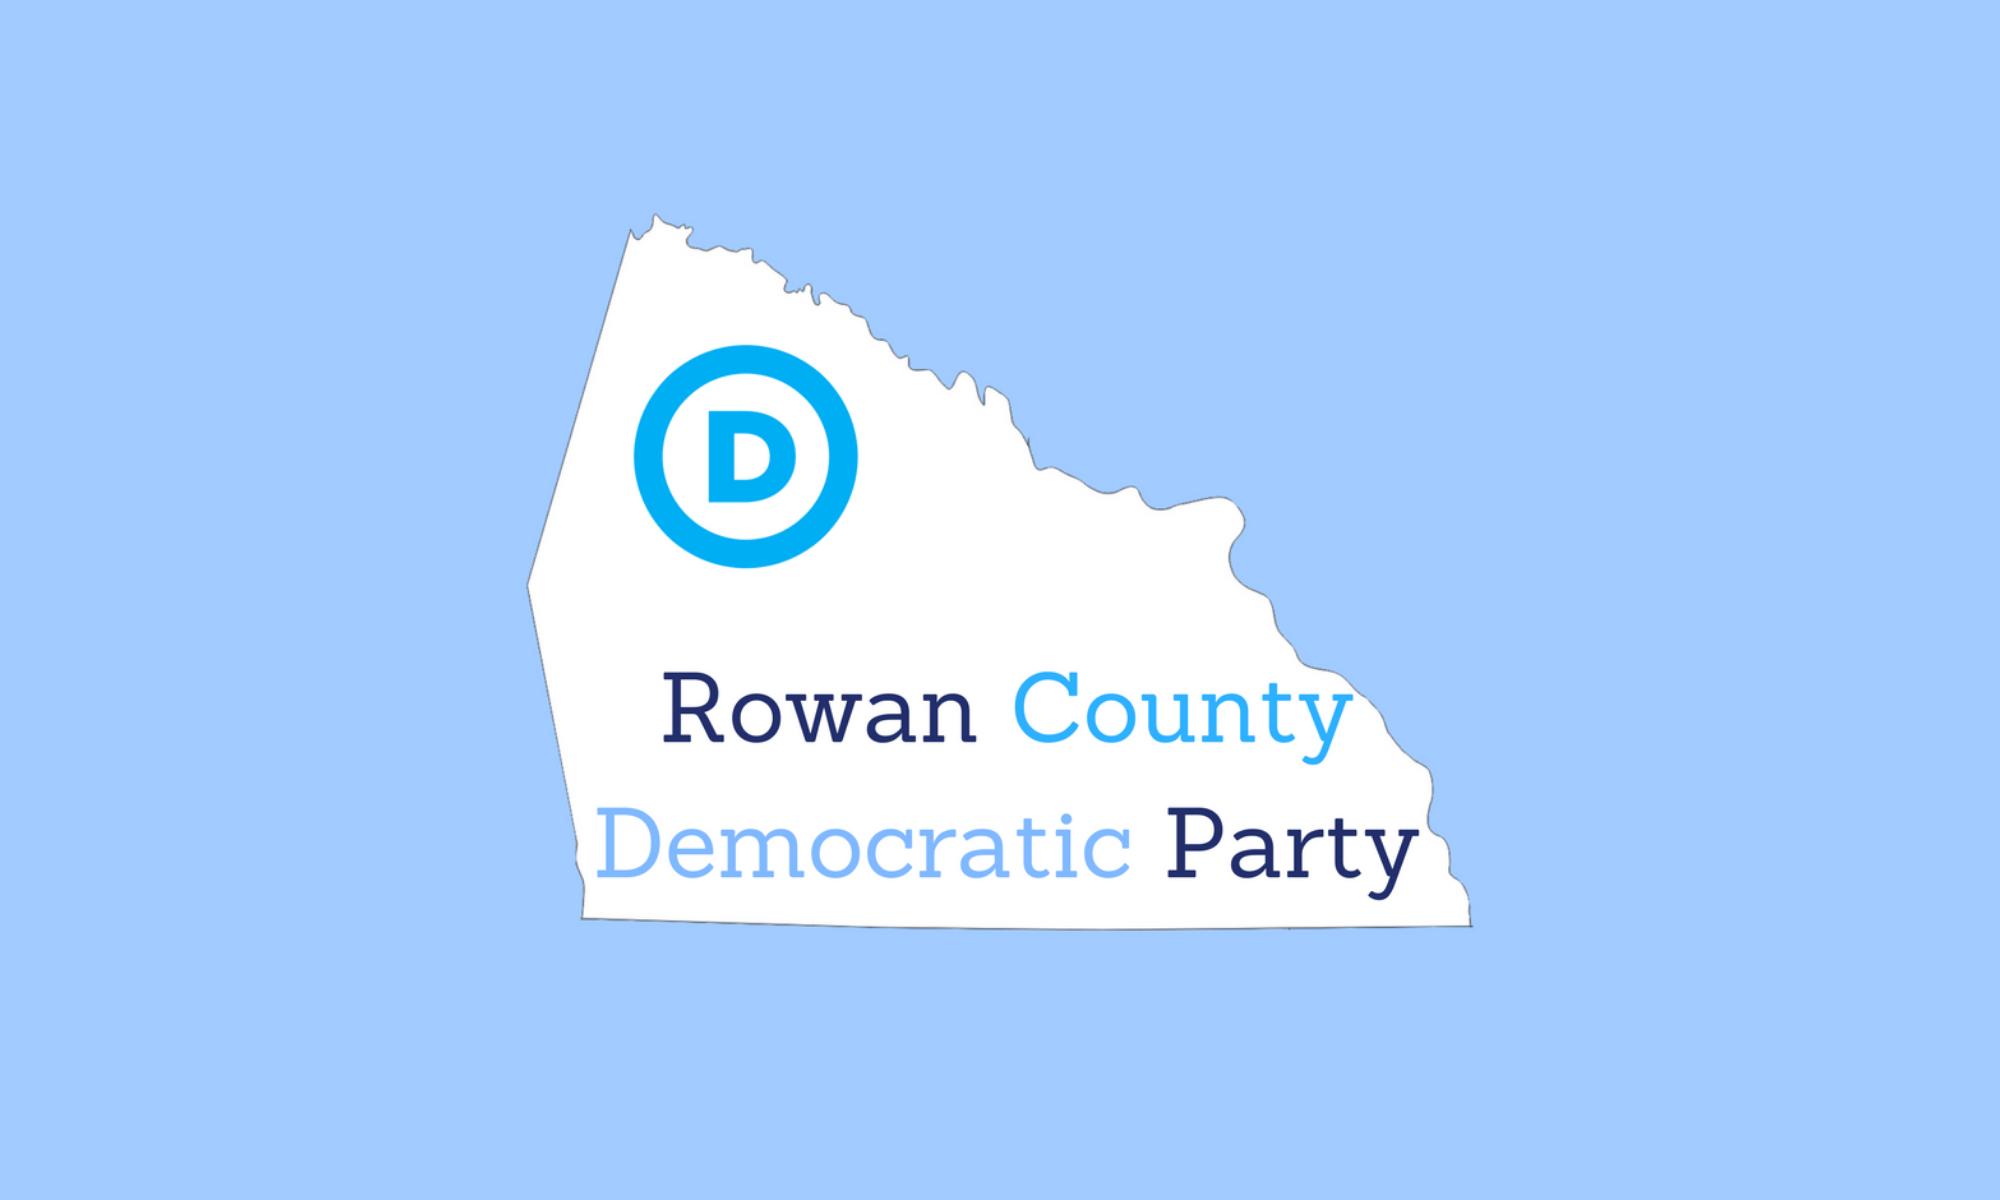 Rowan County Democratic Party